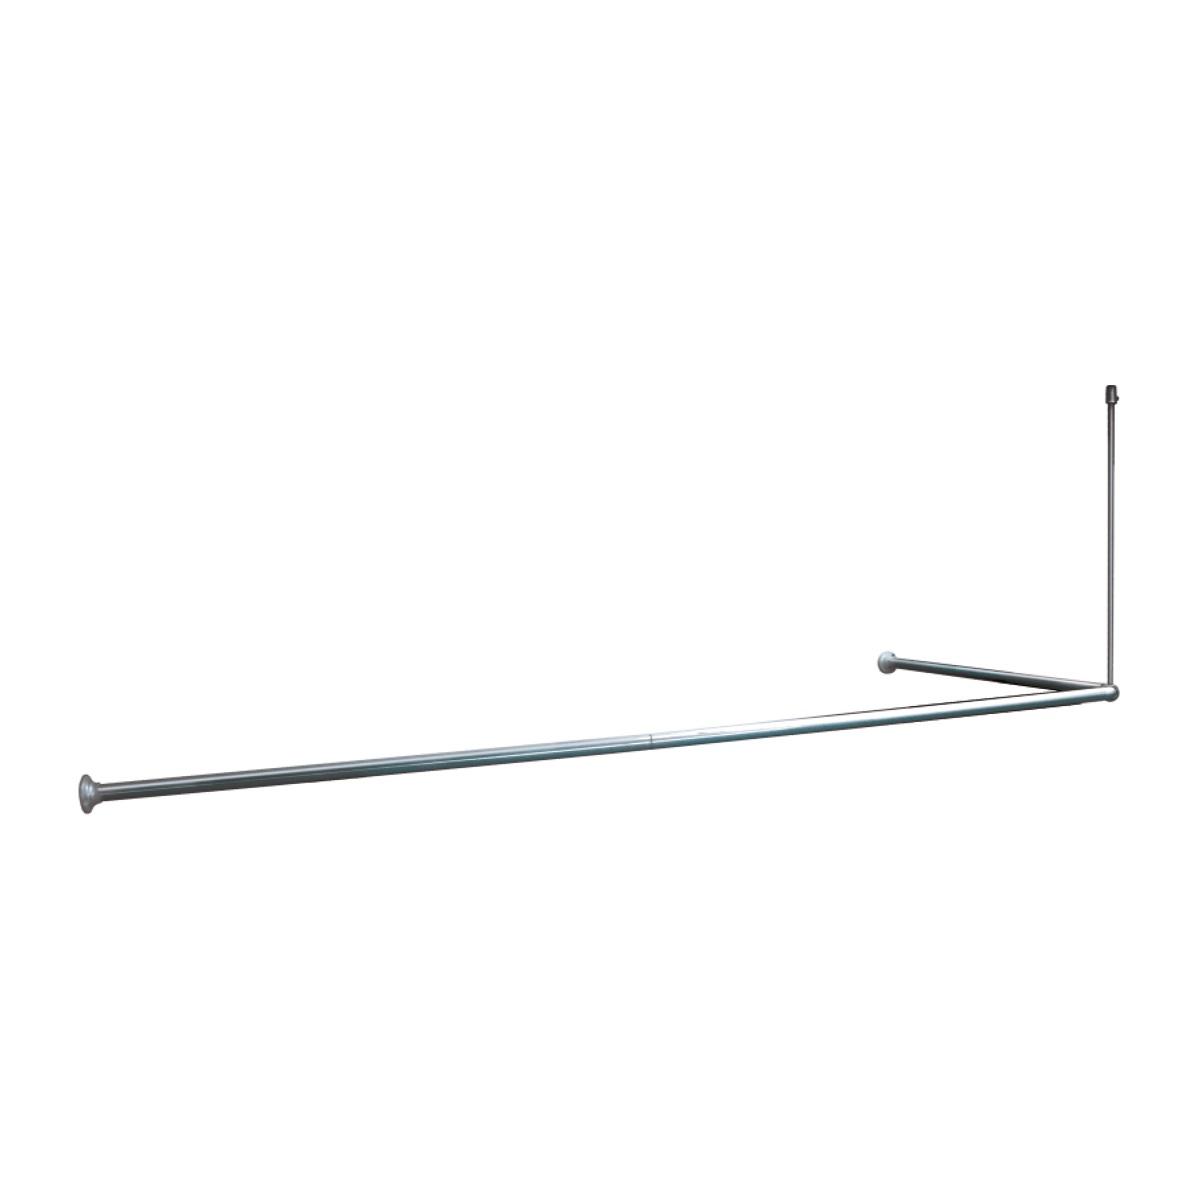 Карниз для ванной Iddis, угловой, цвет: глянцевый хром050A200I14Угловой 90*90*90(90*180)см, хромированный, алюминиевый карниз. Диаметр трубки 25мм, толщина трубки 0,5мм, с креплением к потолку